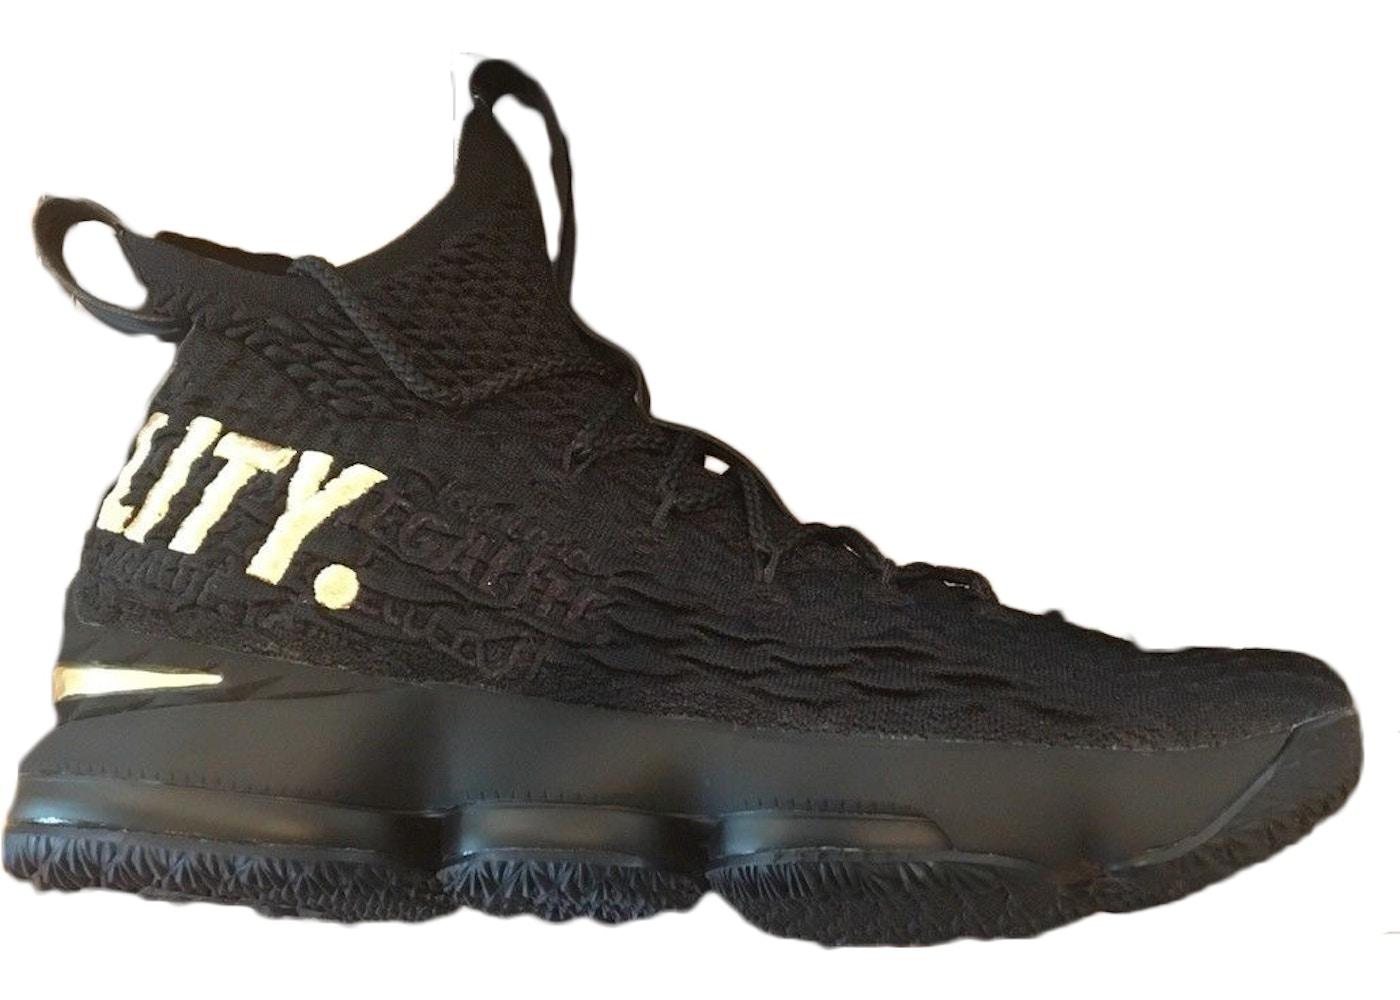 fb9238774b123 Nike LeBron Shoes - Highest Bid